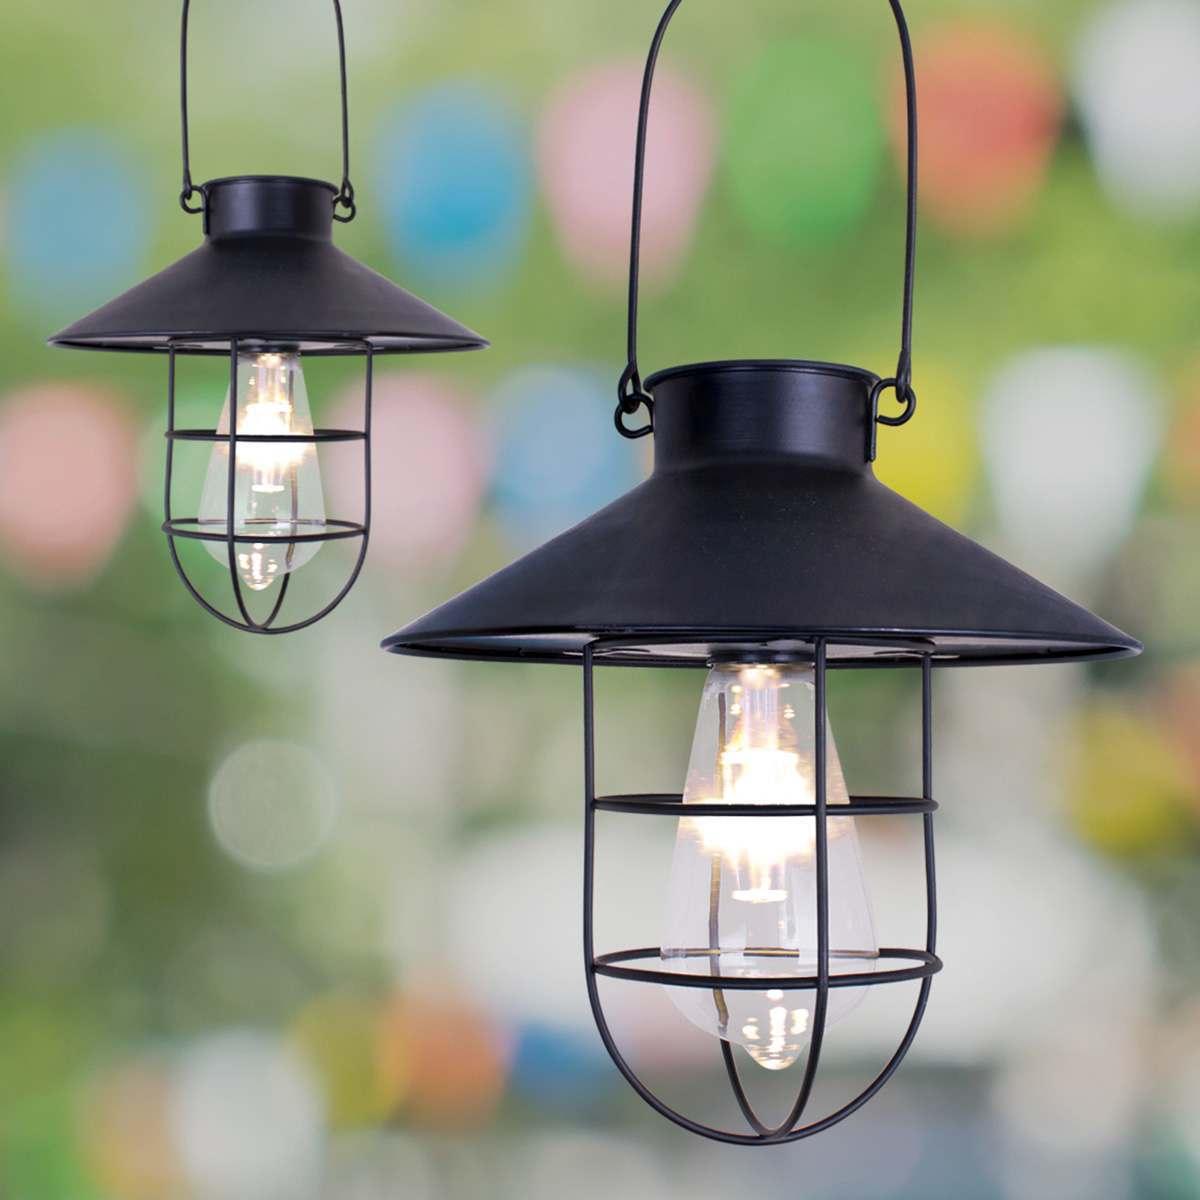 Solar Black Hanging Lantern